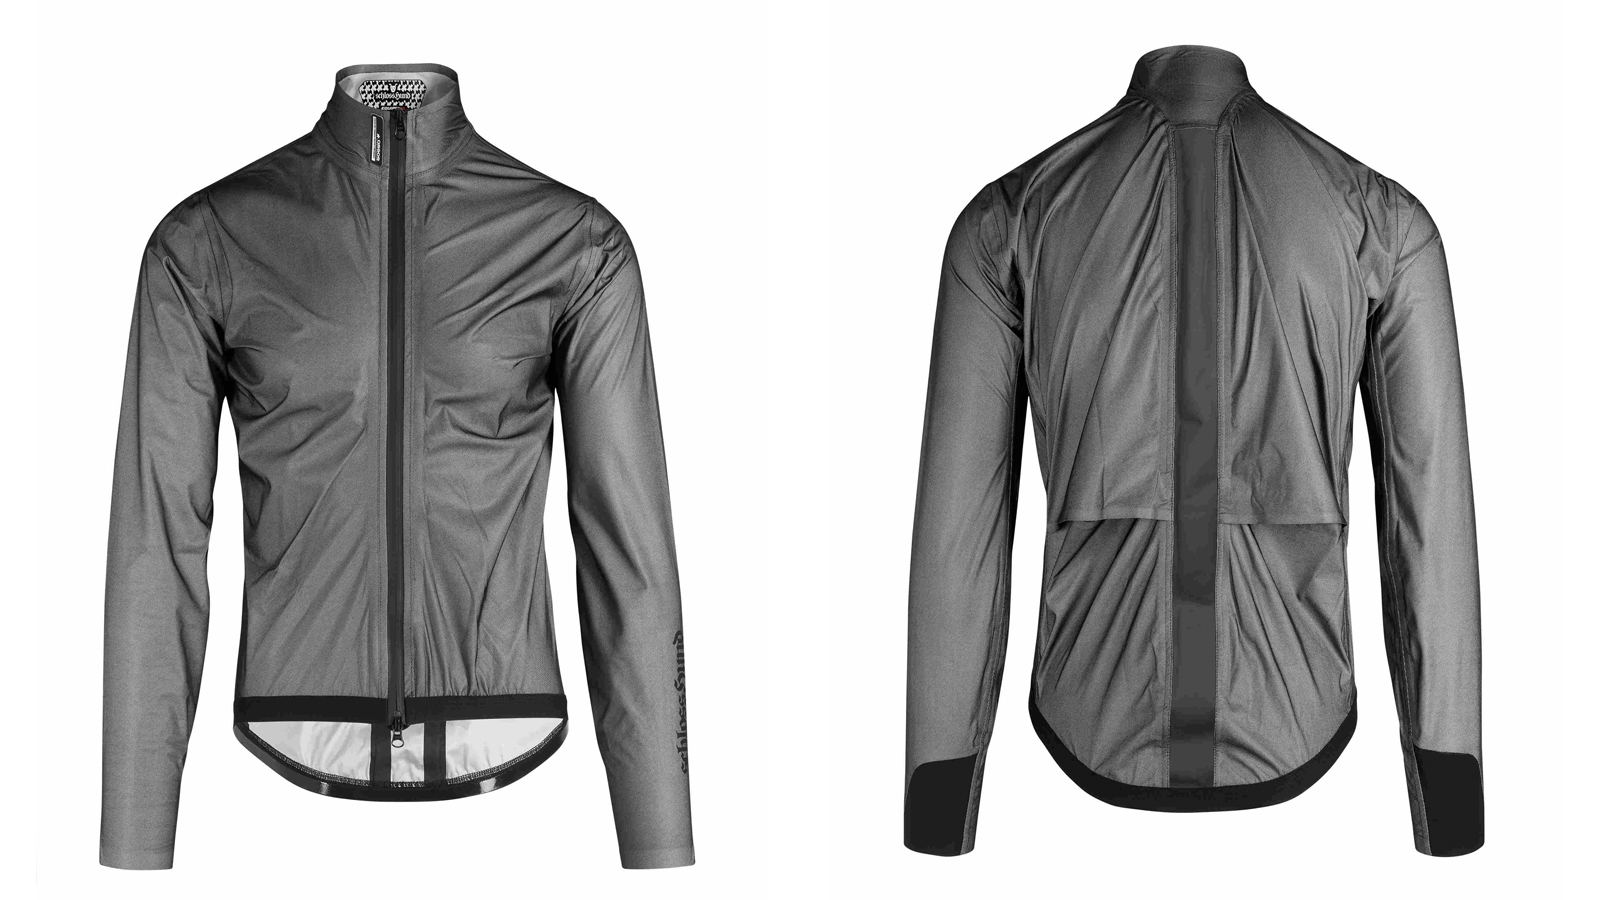 Waterproof cycling jacket: Assos